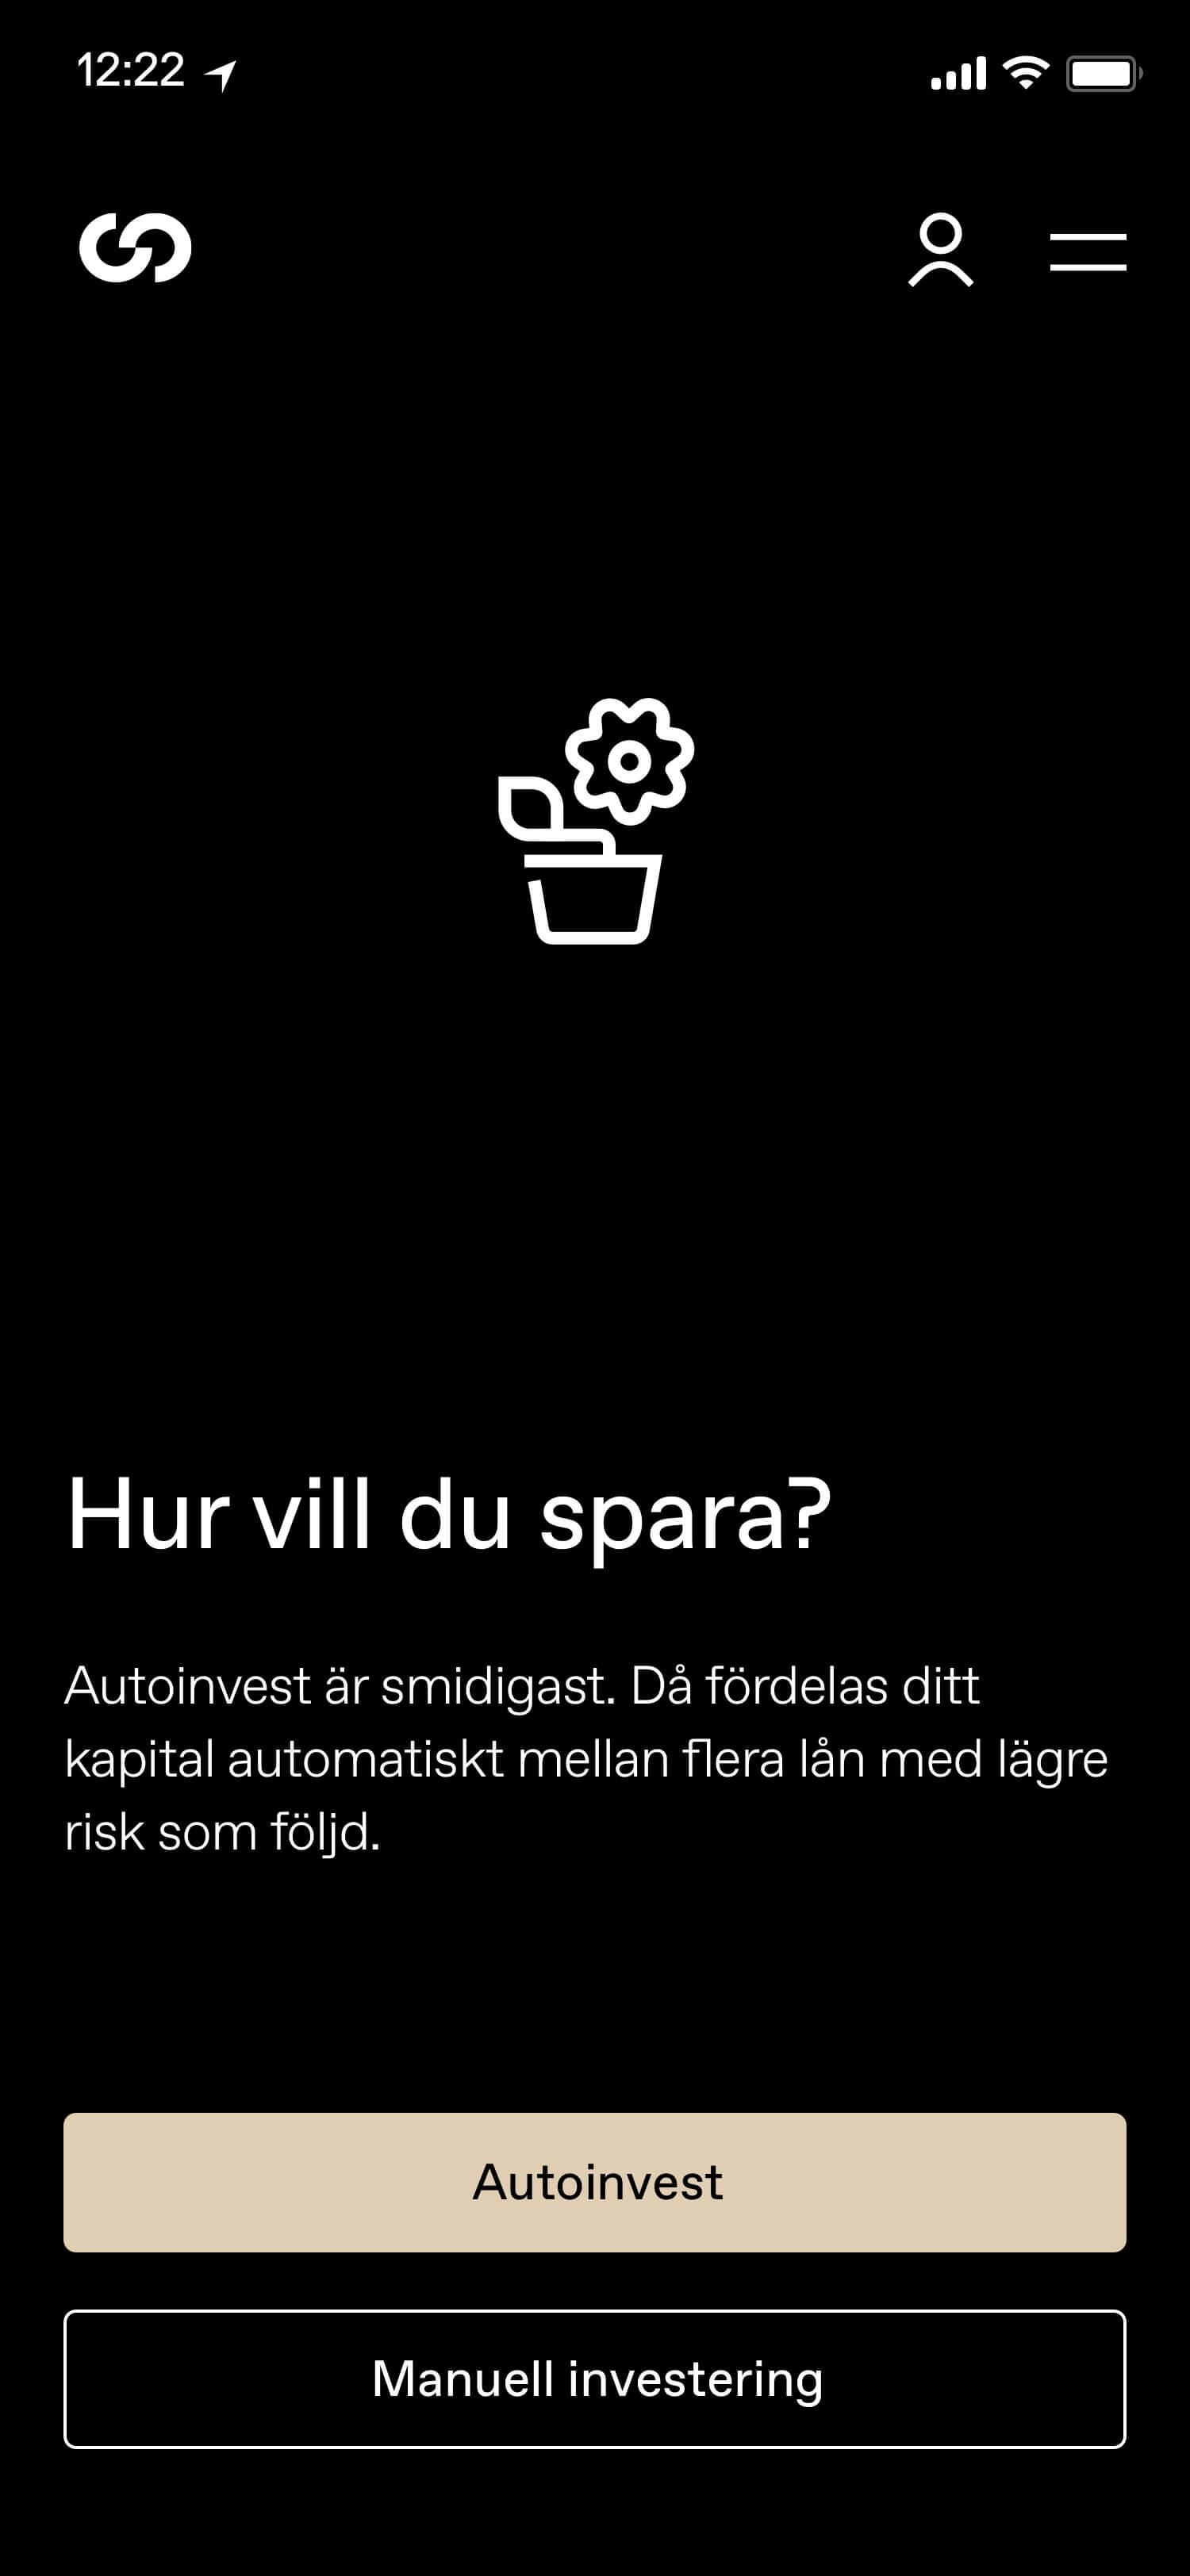 Mobil_Inloggad-Spara